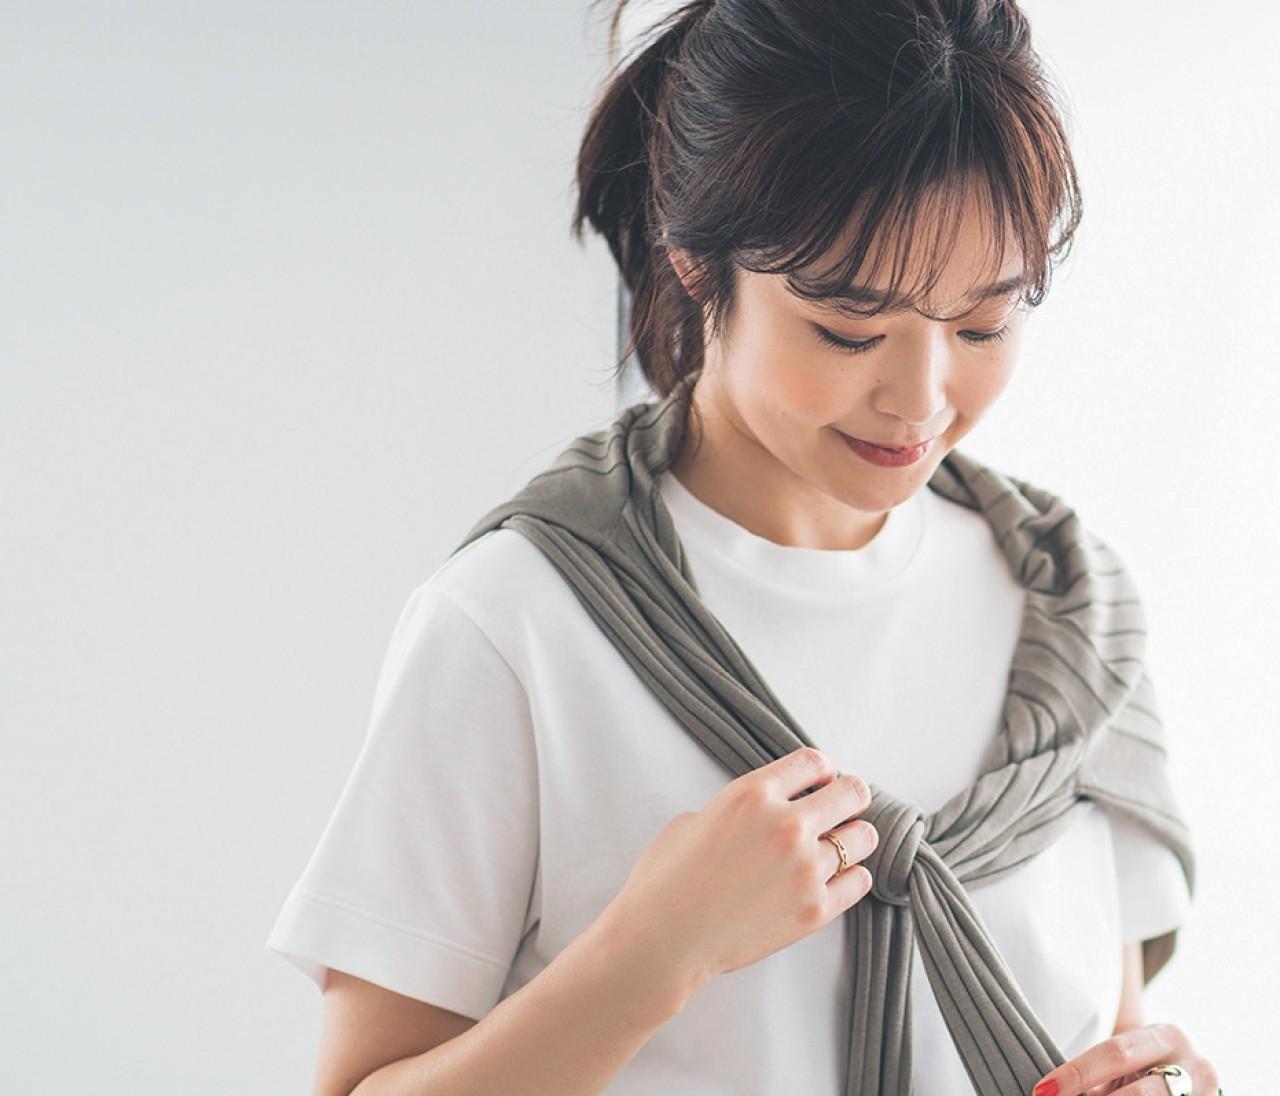 【30代女子の夏ファッションQ&A】いつものTシャツをギアチェンジする盛り方とは?